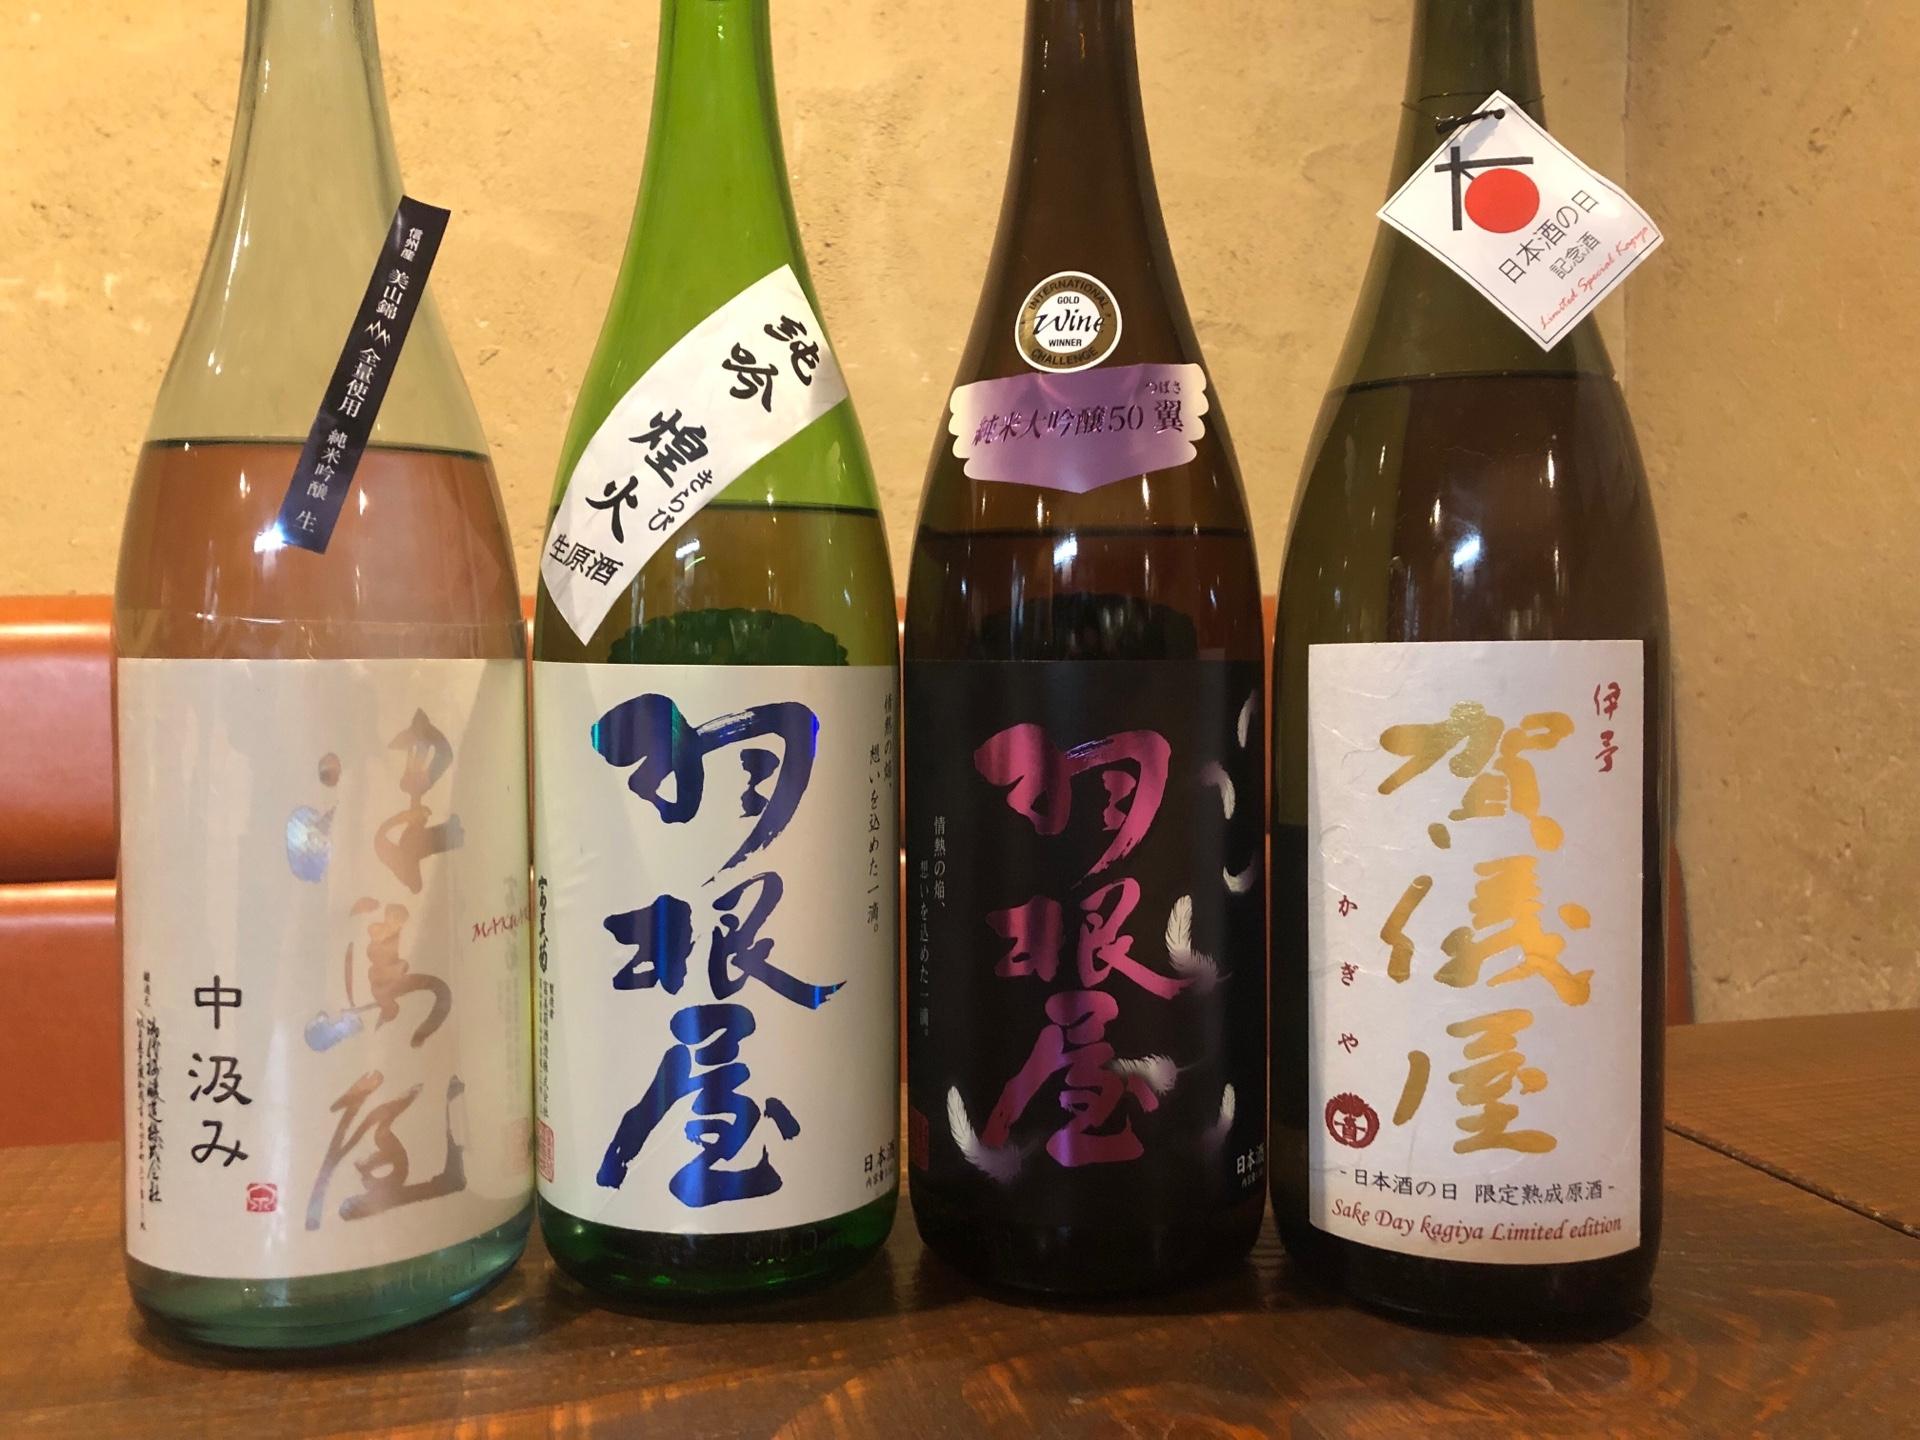 数量限定の日本酒入荷しました。